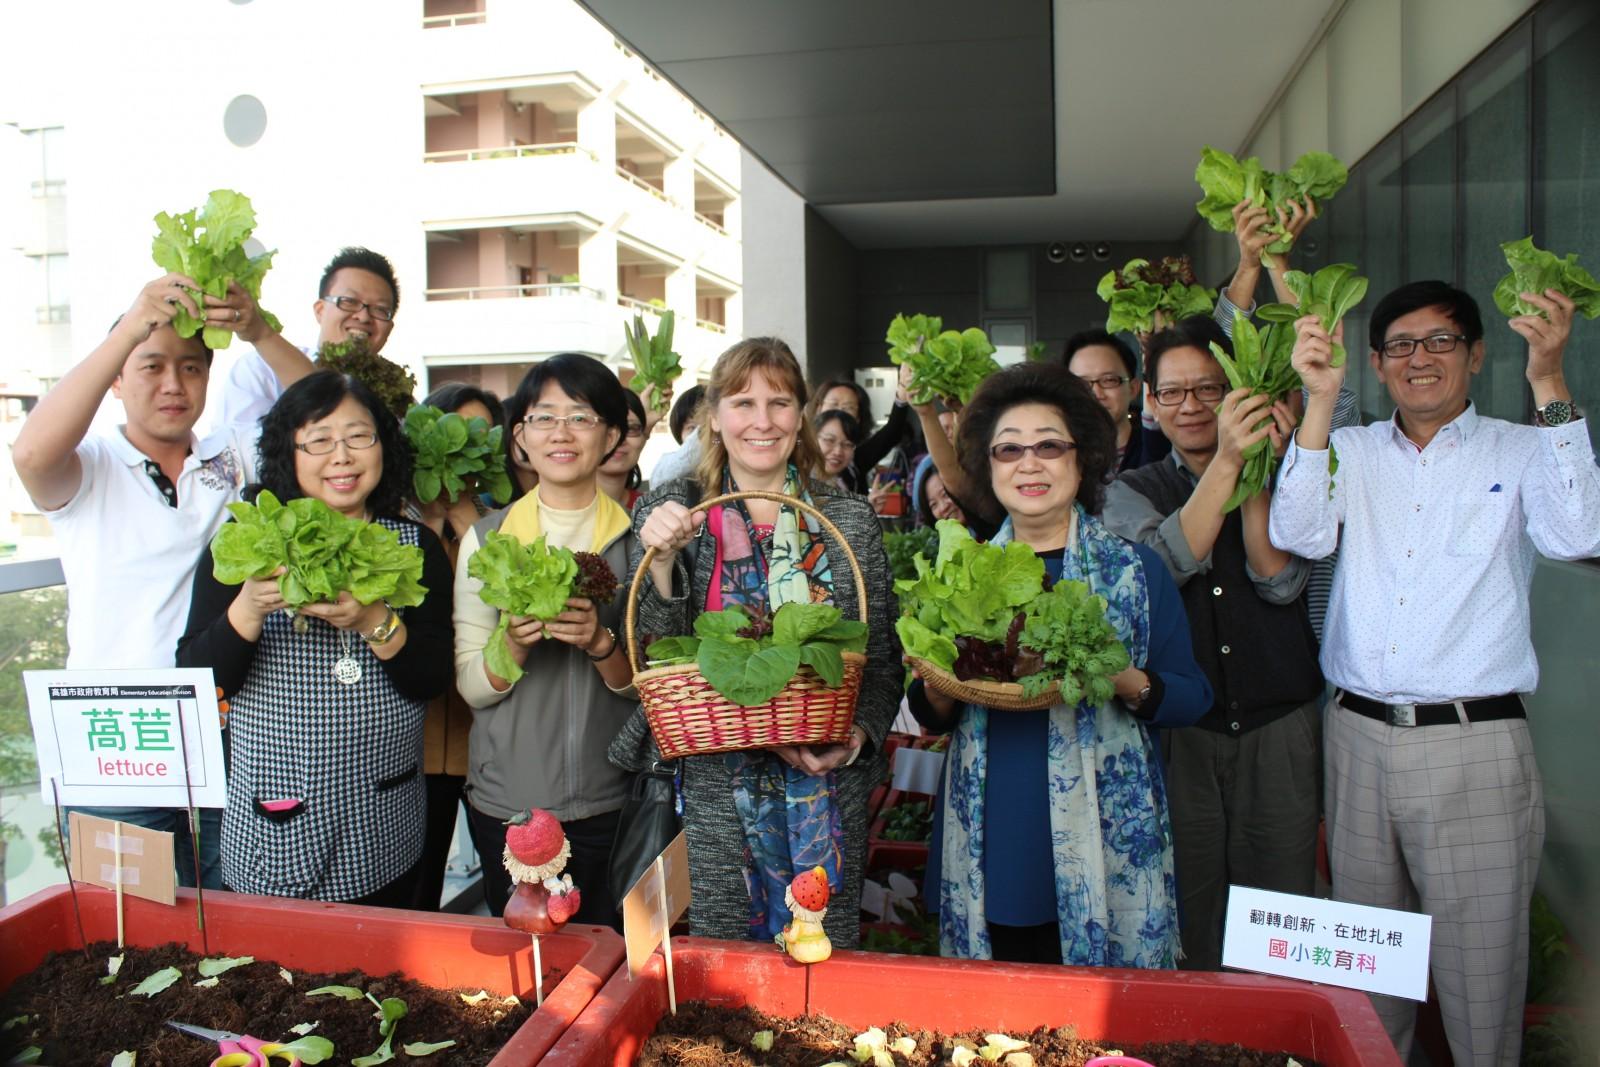 簡單種、趁鮮採、教育局打造辦公環境可食綠景